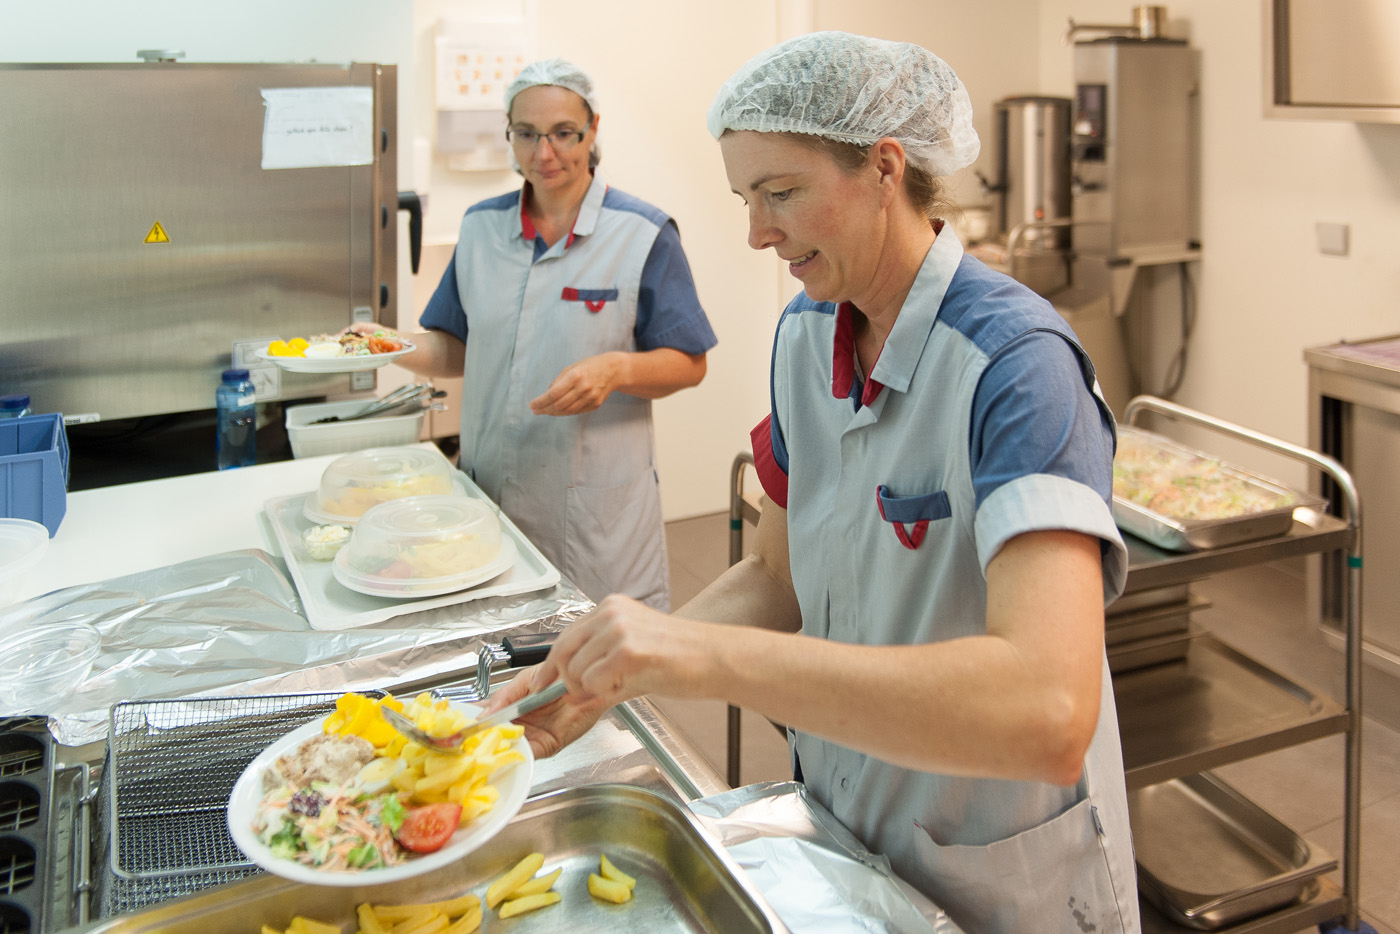 Woonzorgcentrum Dendermonde Mariatroon maaltijden